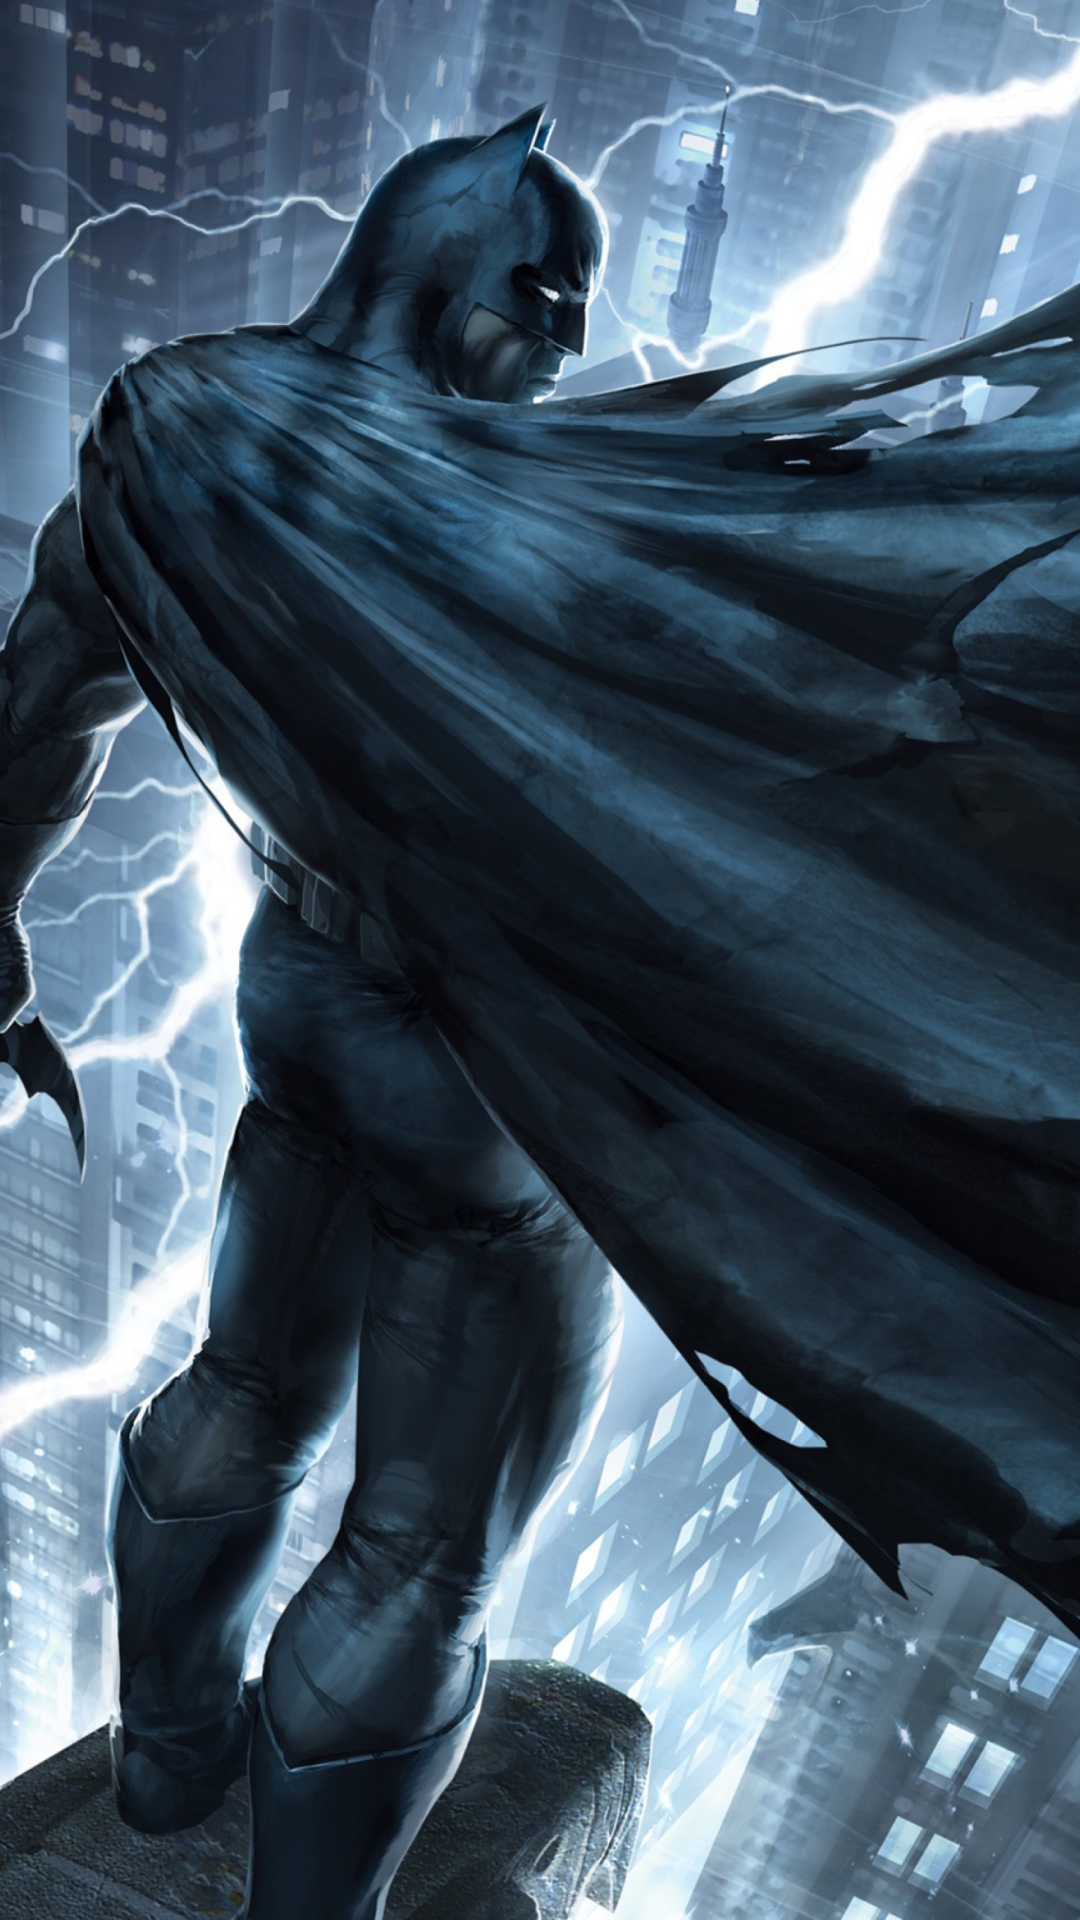 Best Harry Potter Quotes Wallpapers Batman Iphone Wallpaper Hd Pixelstalk Net